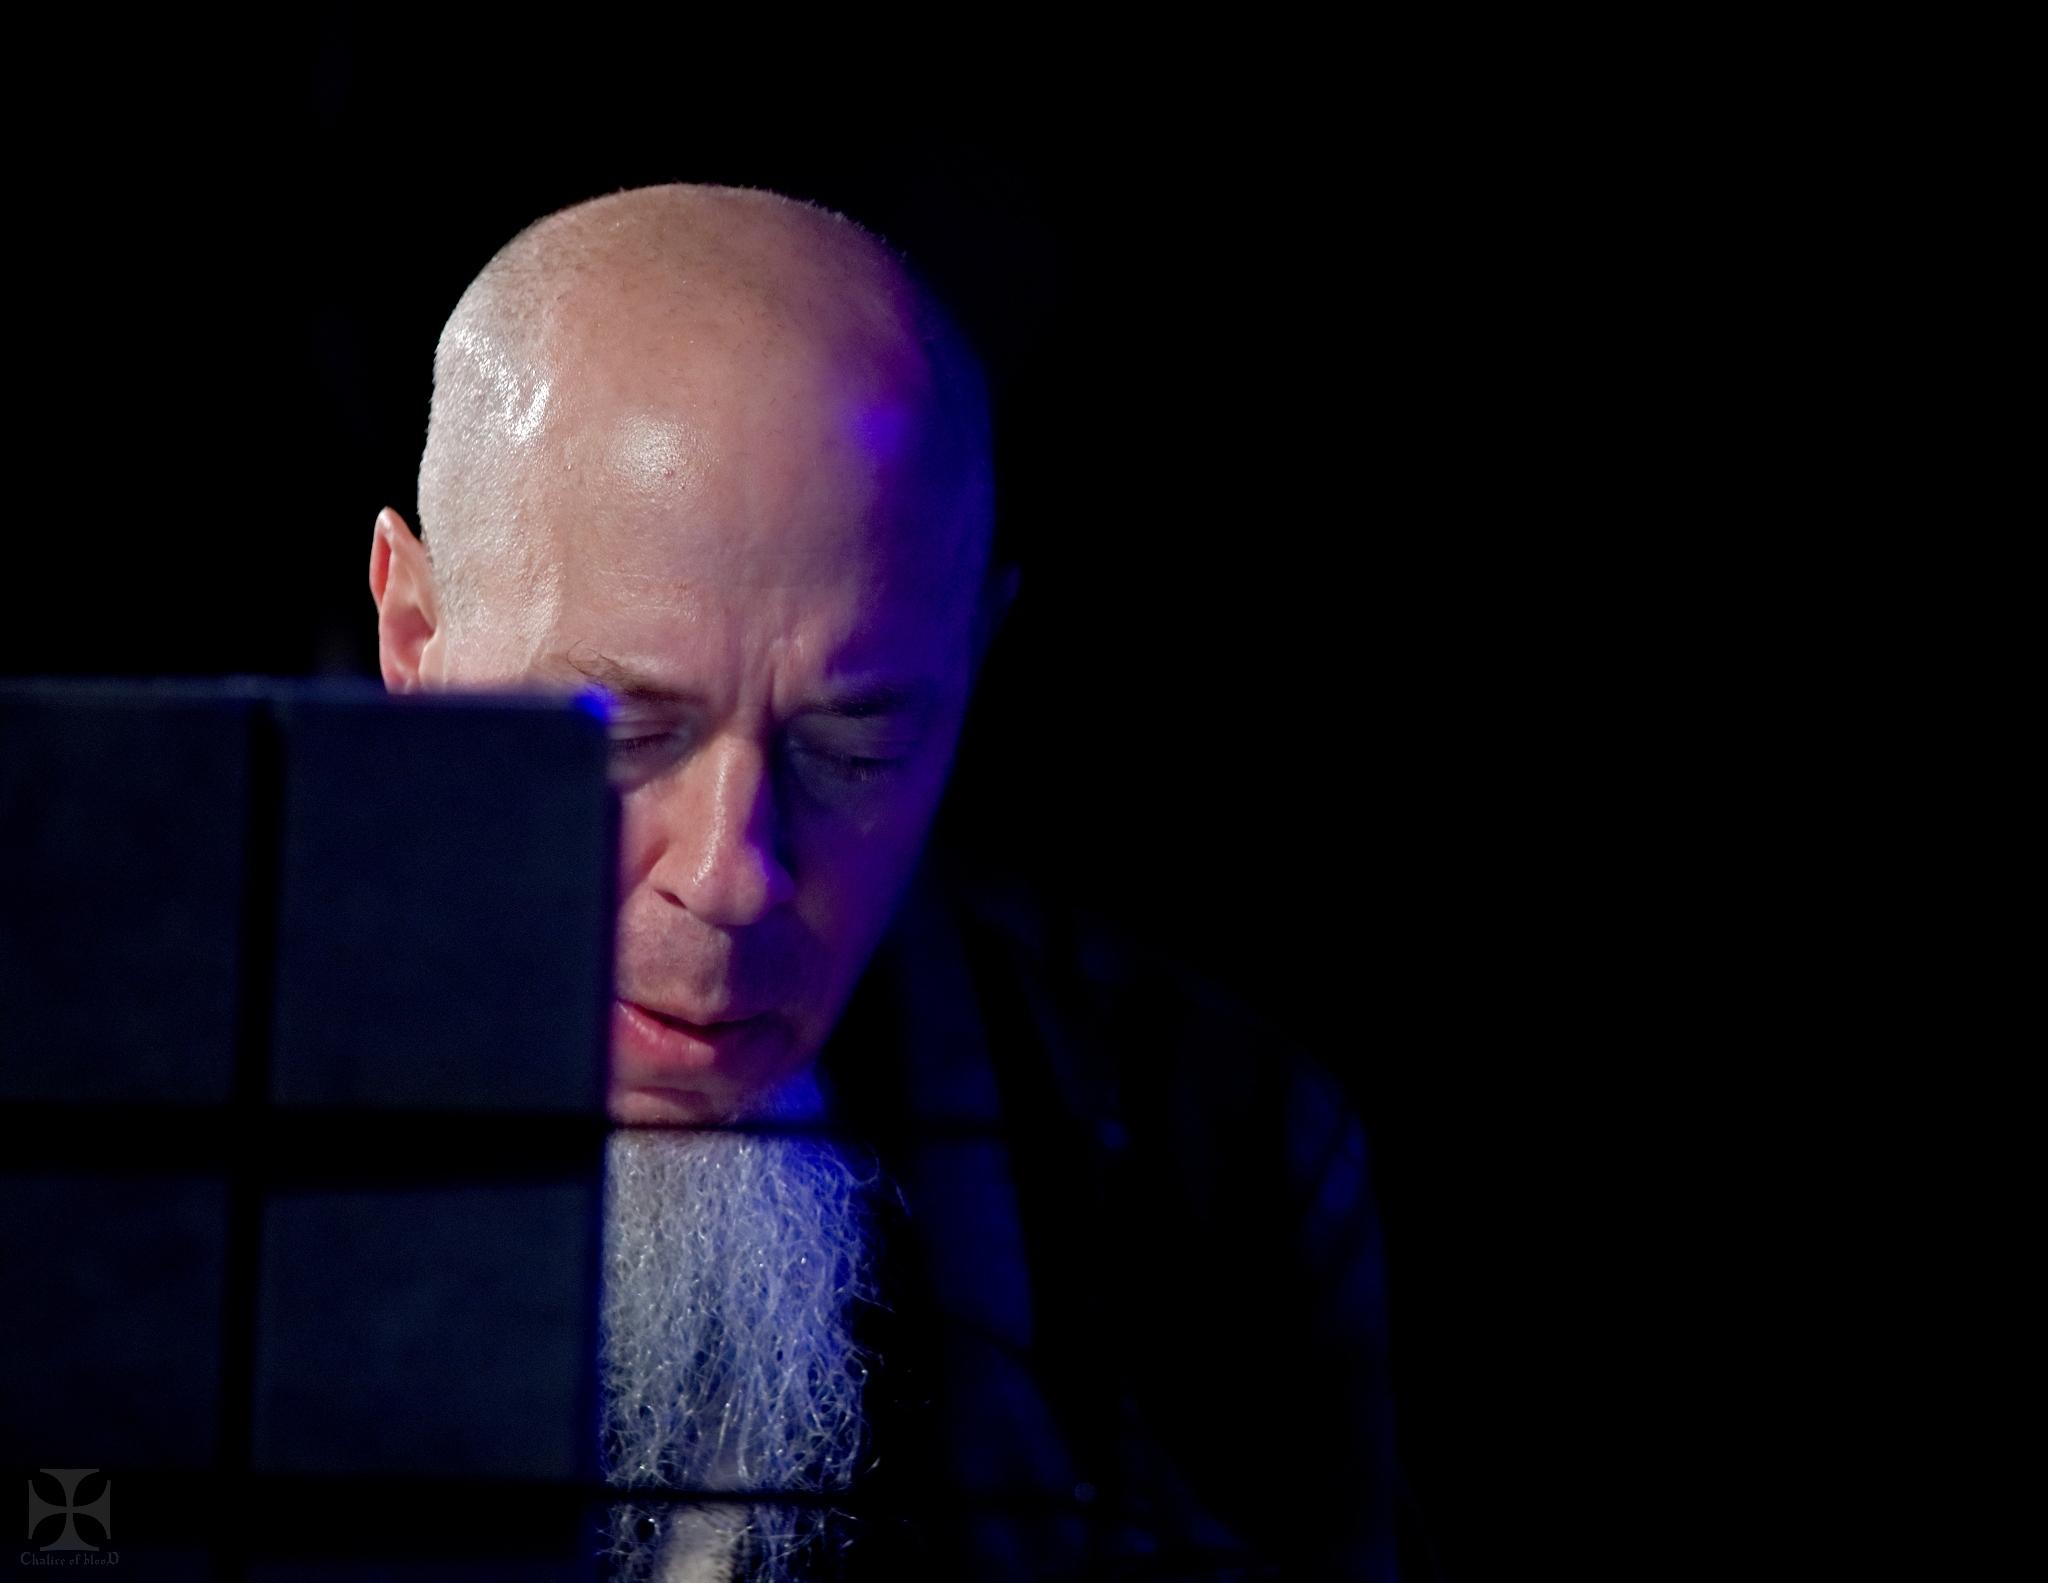 2018.11 Jordan Rudess - 0022-Exposure.jpg